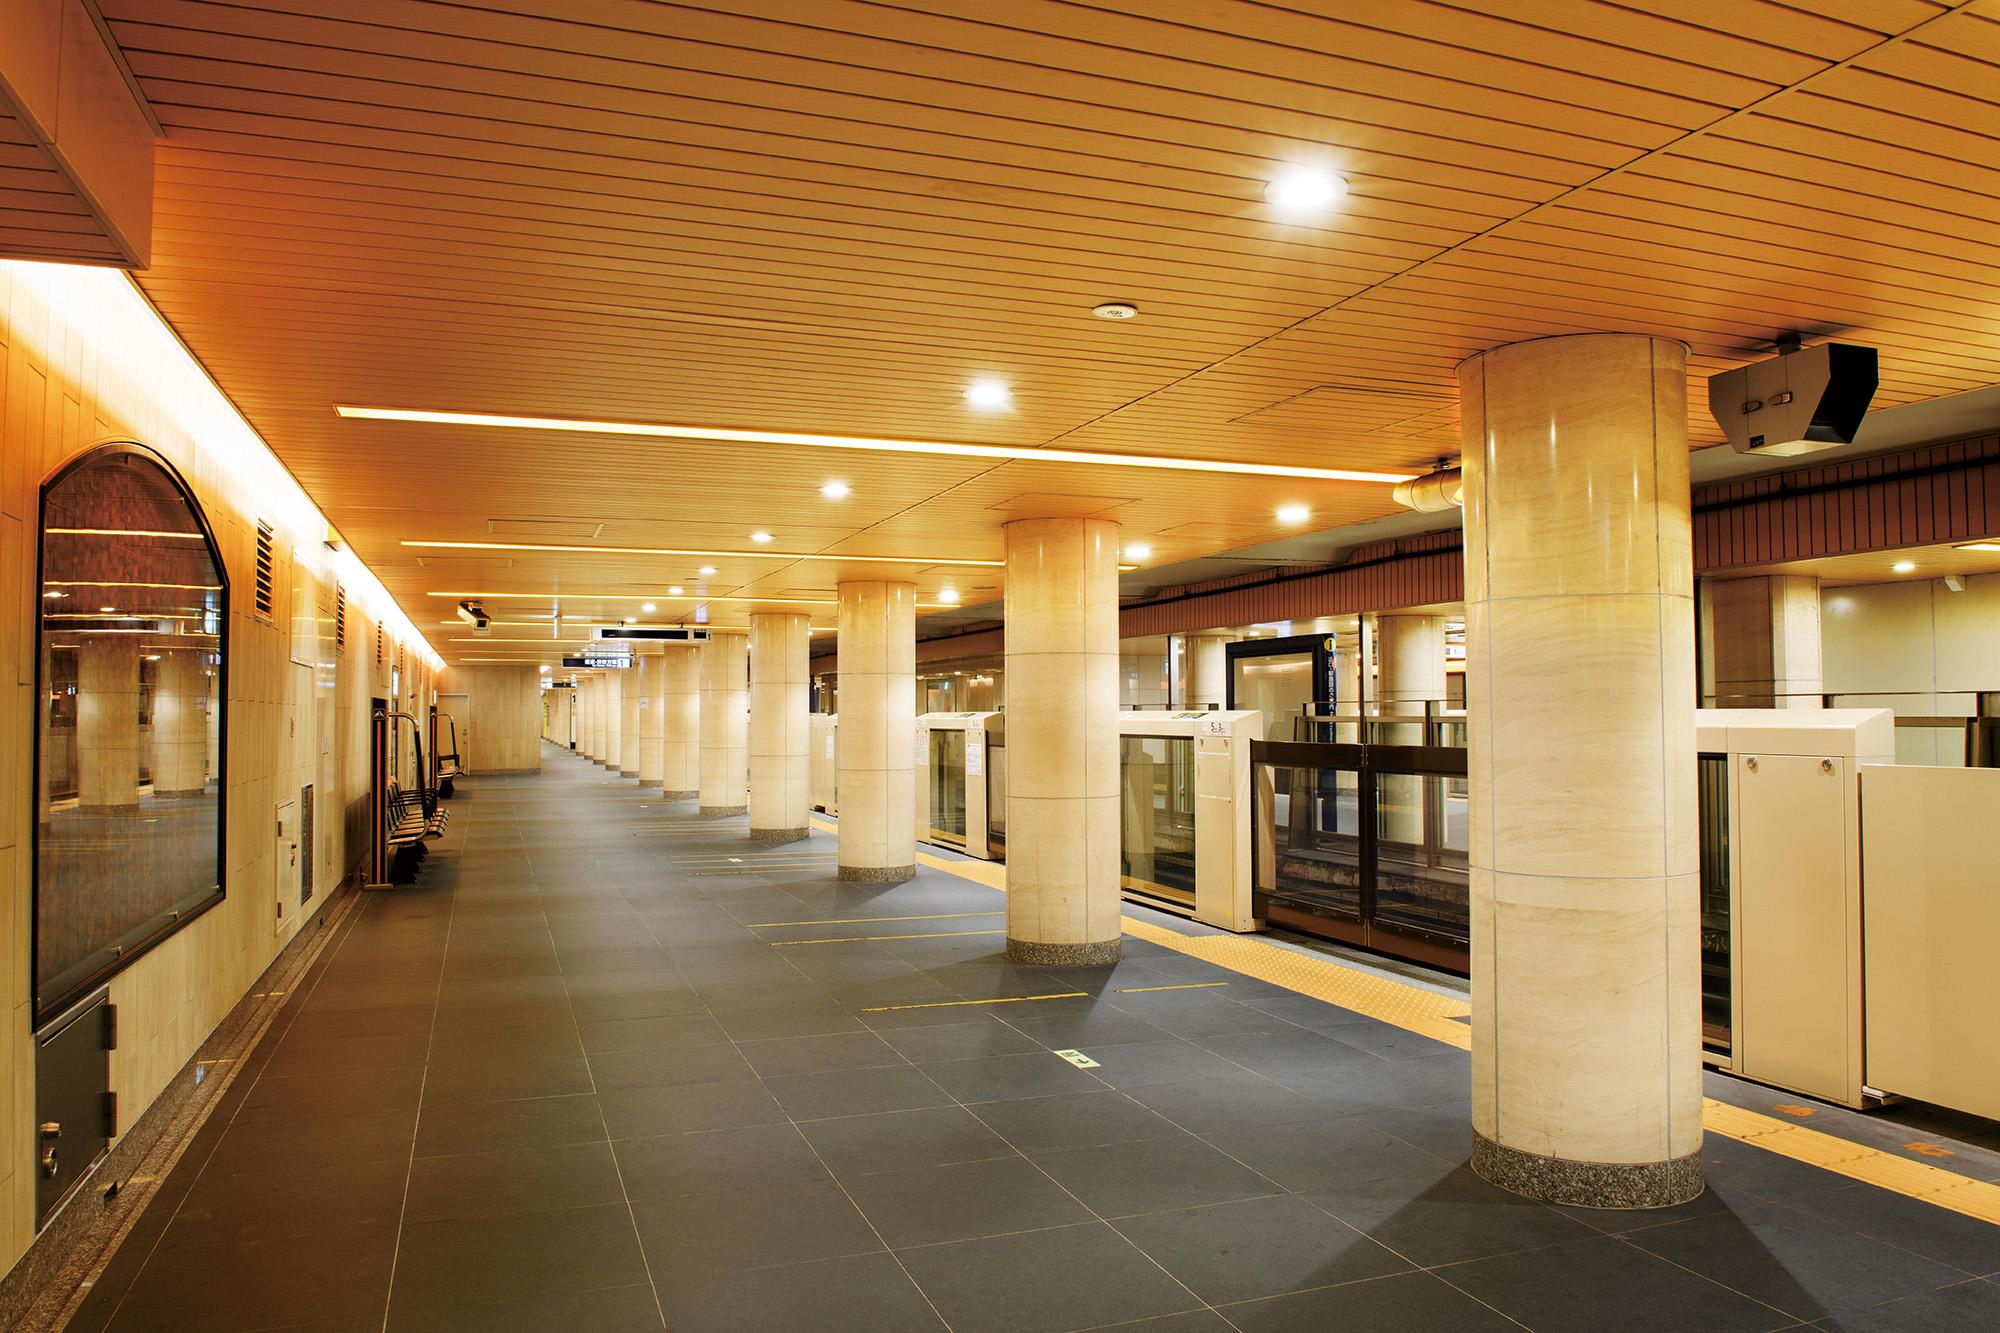 東京メトロ銀座線 京橋駅 日本橋駅(ノンスケール設計案件)